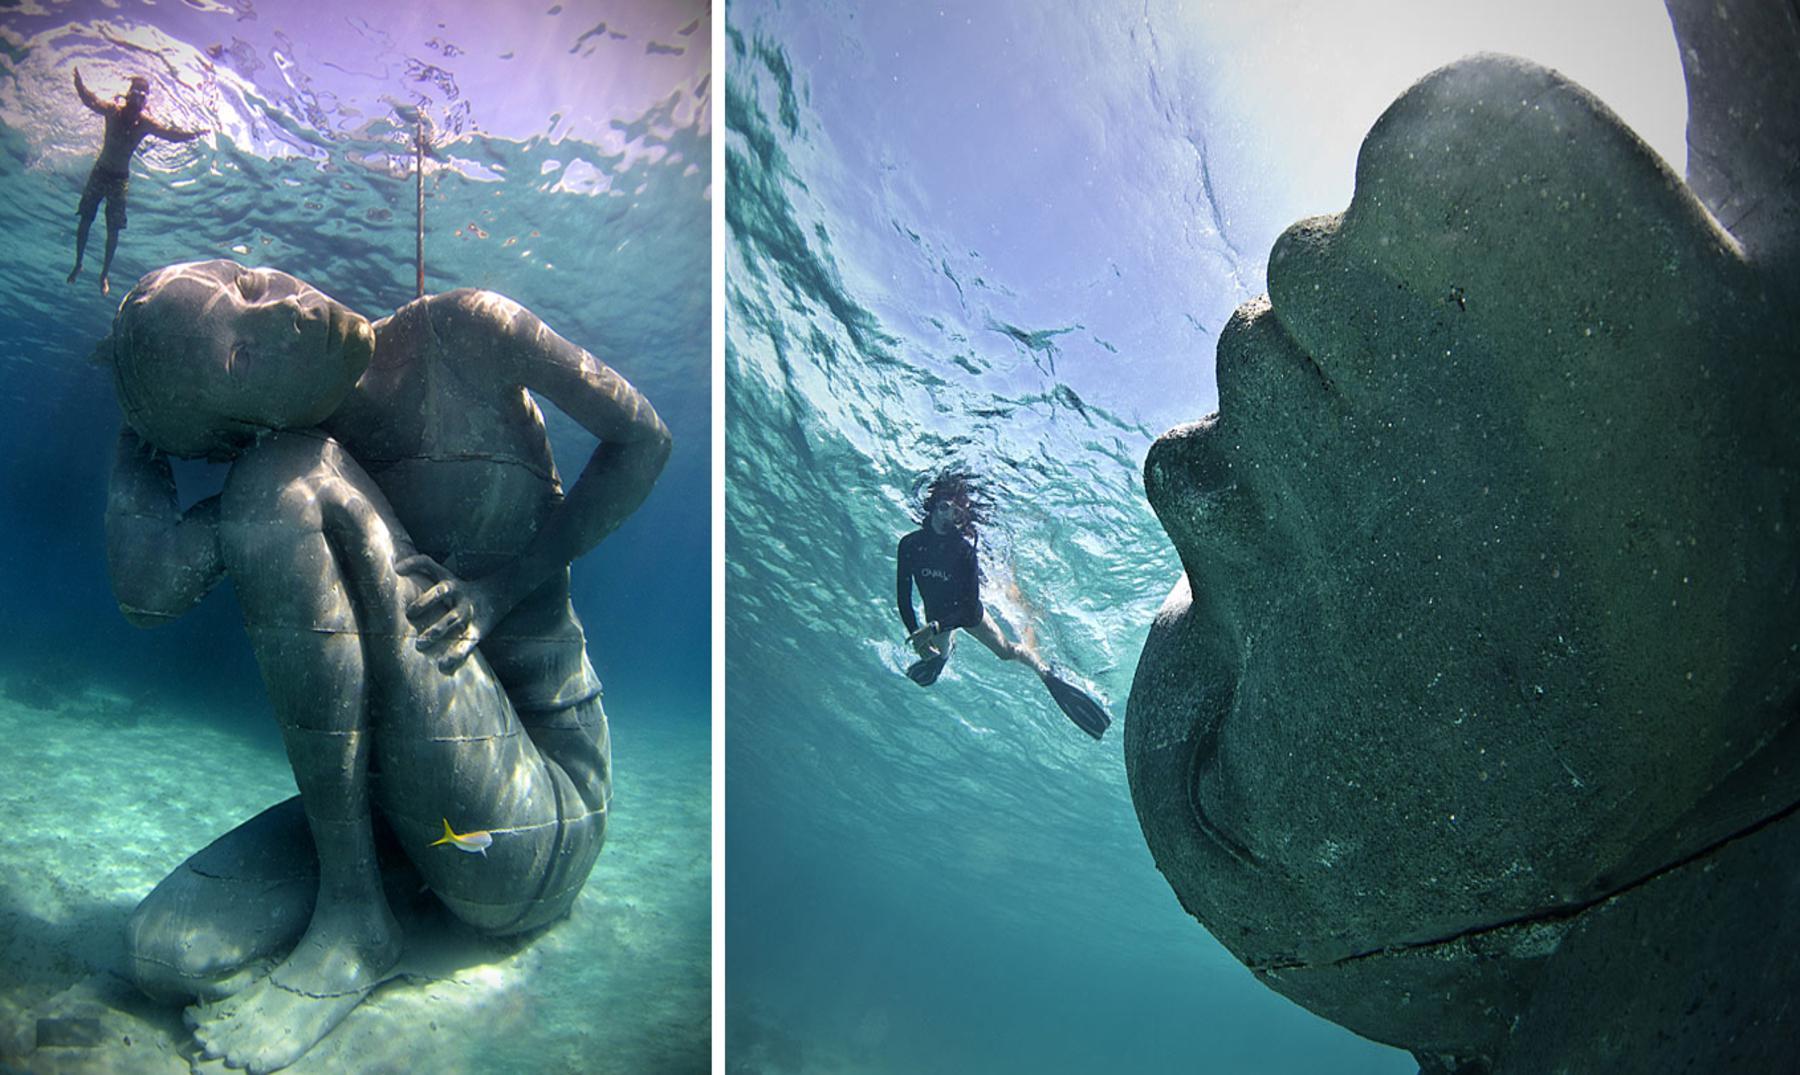 Subido a Atlas, la dama de piedra sumergida en las Bahamas